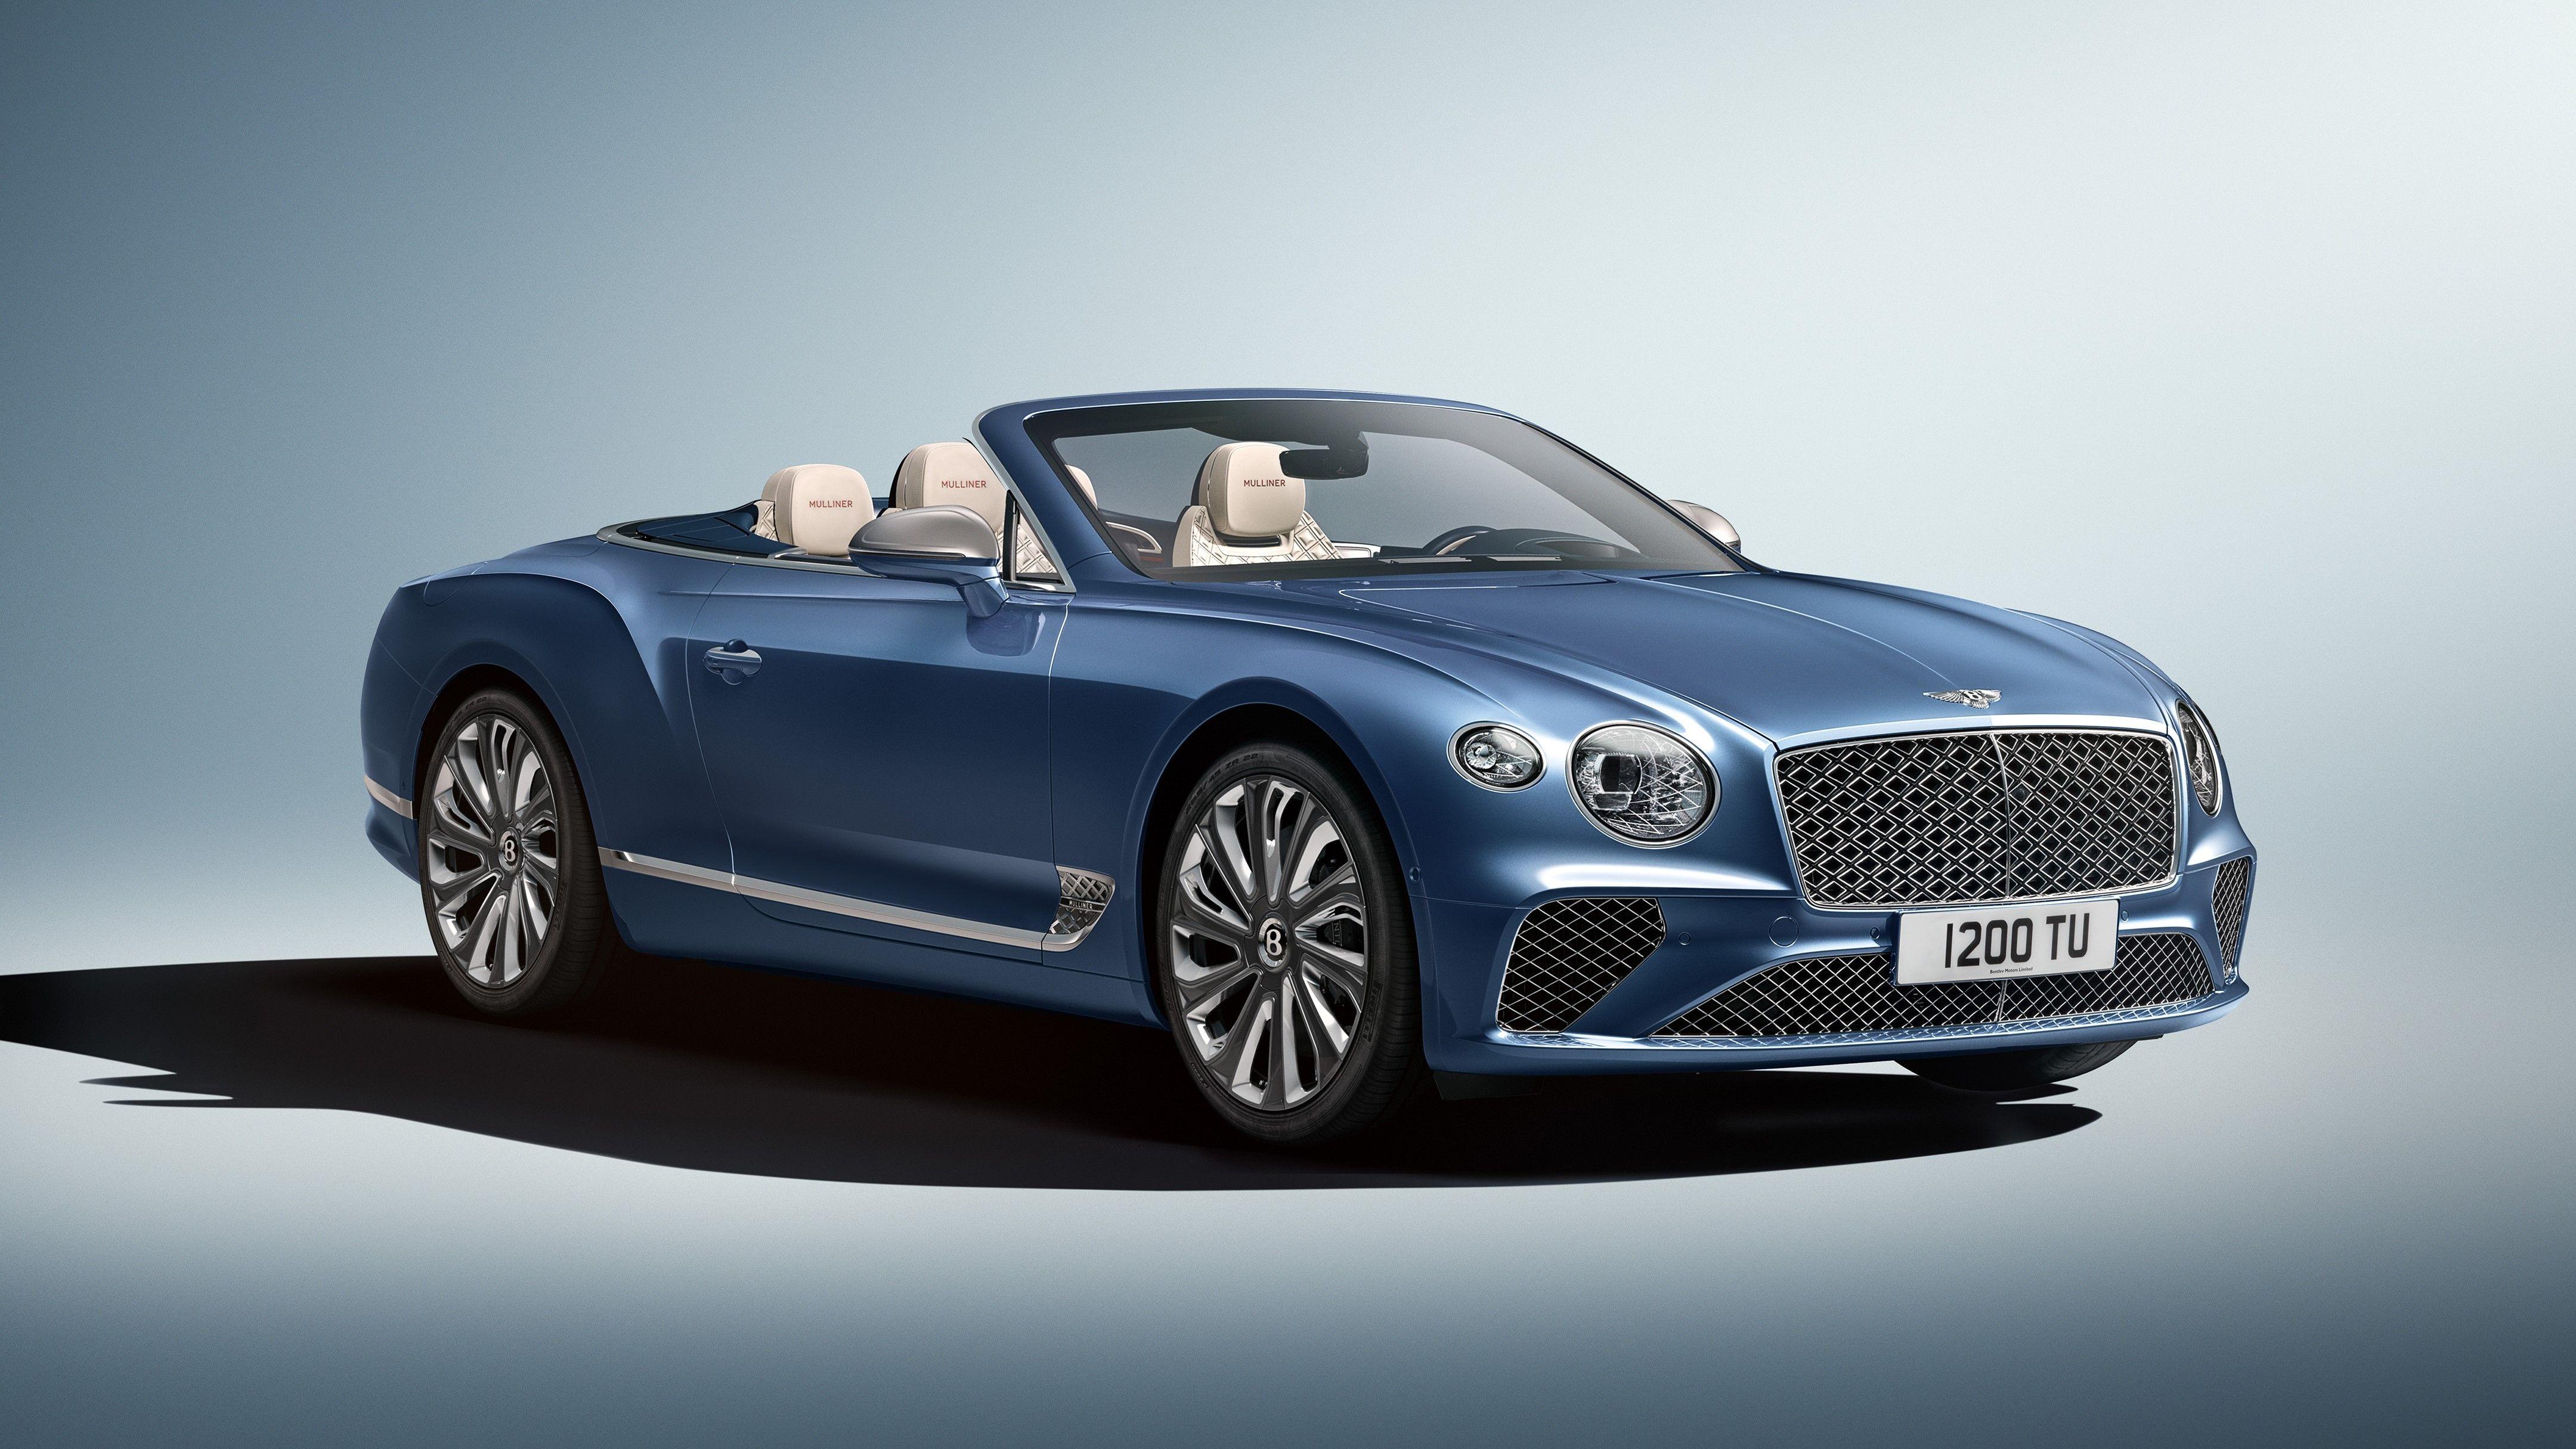 Bentley Continental Gt Mulliner Convertible Maximo Lujo En Formato Descapotable